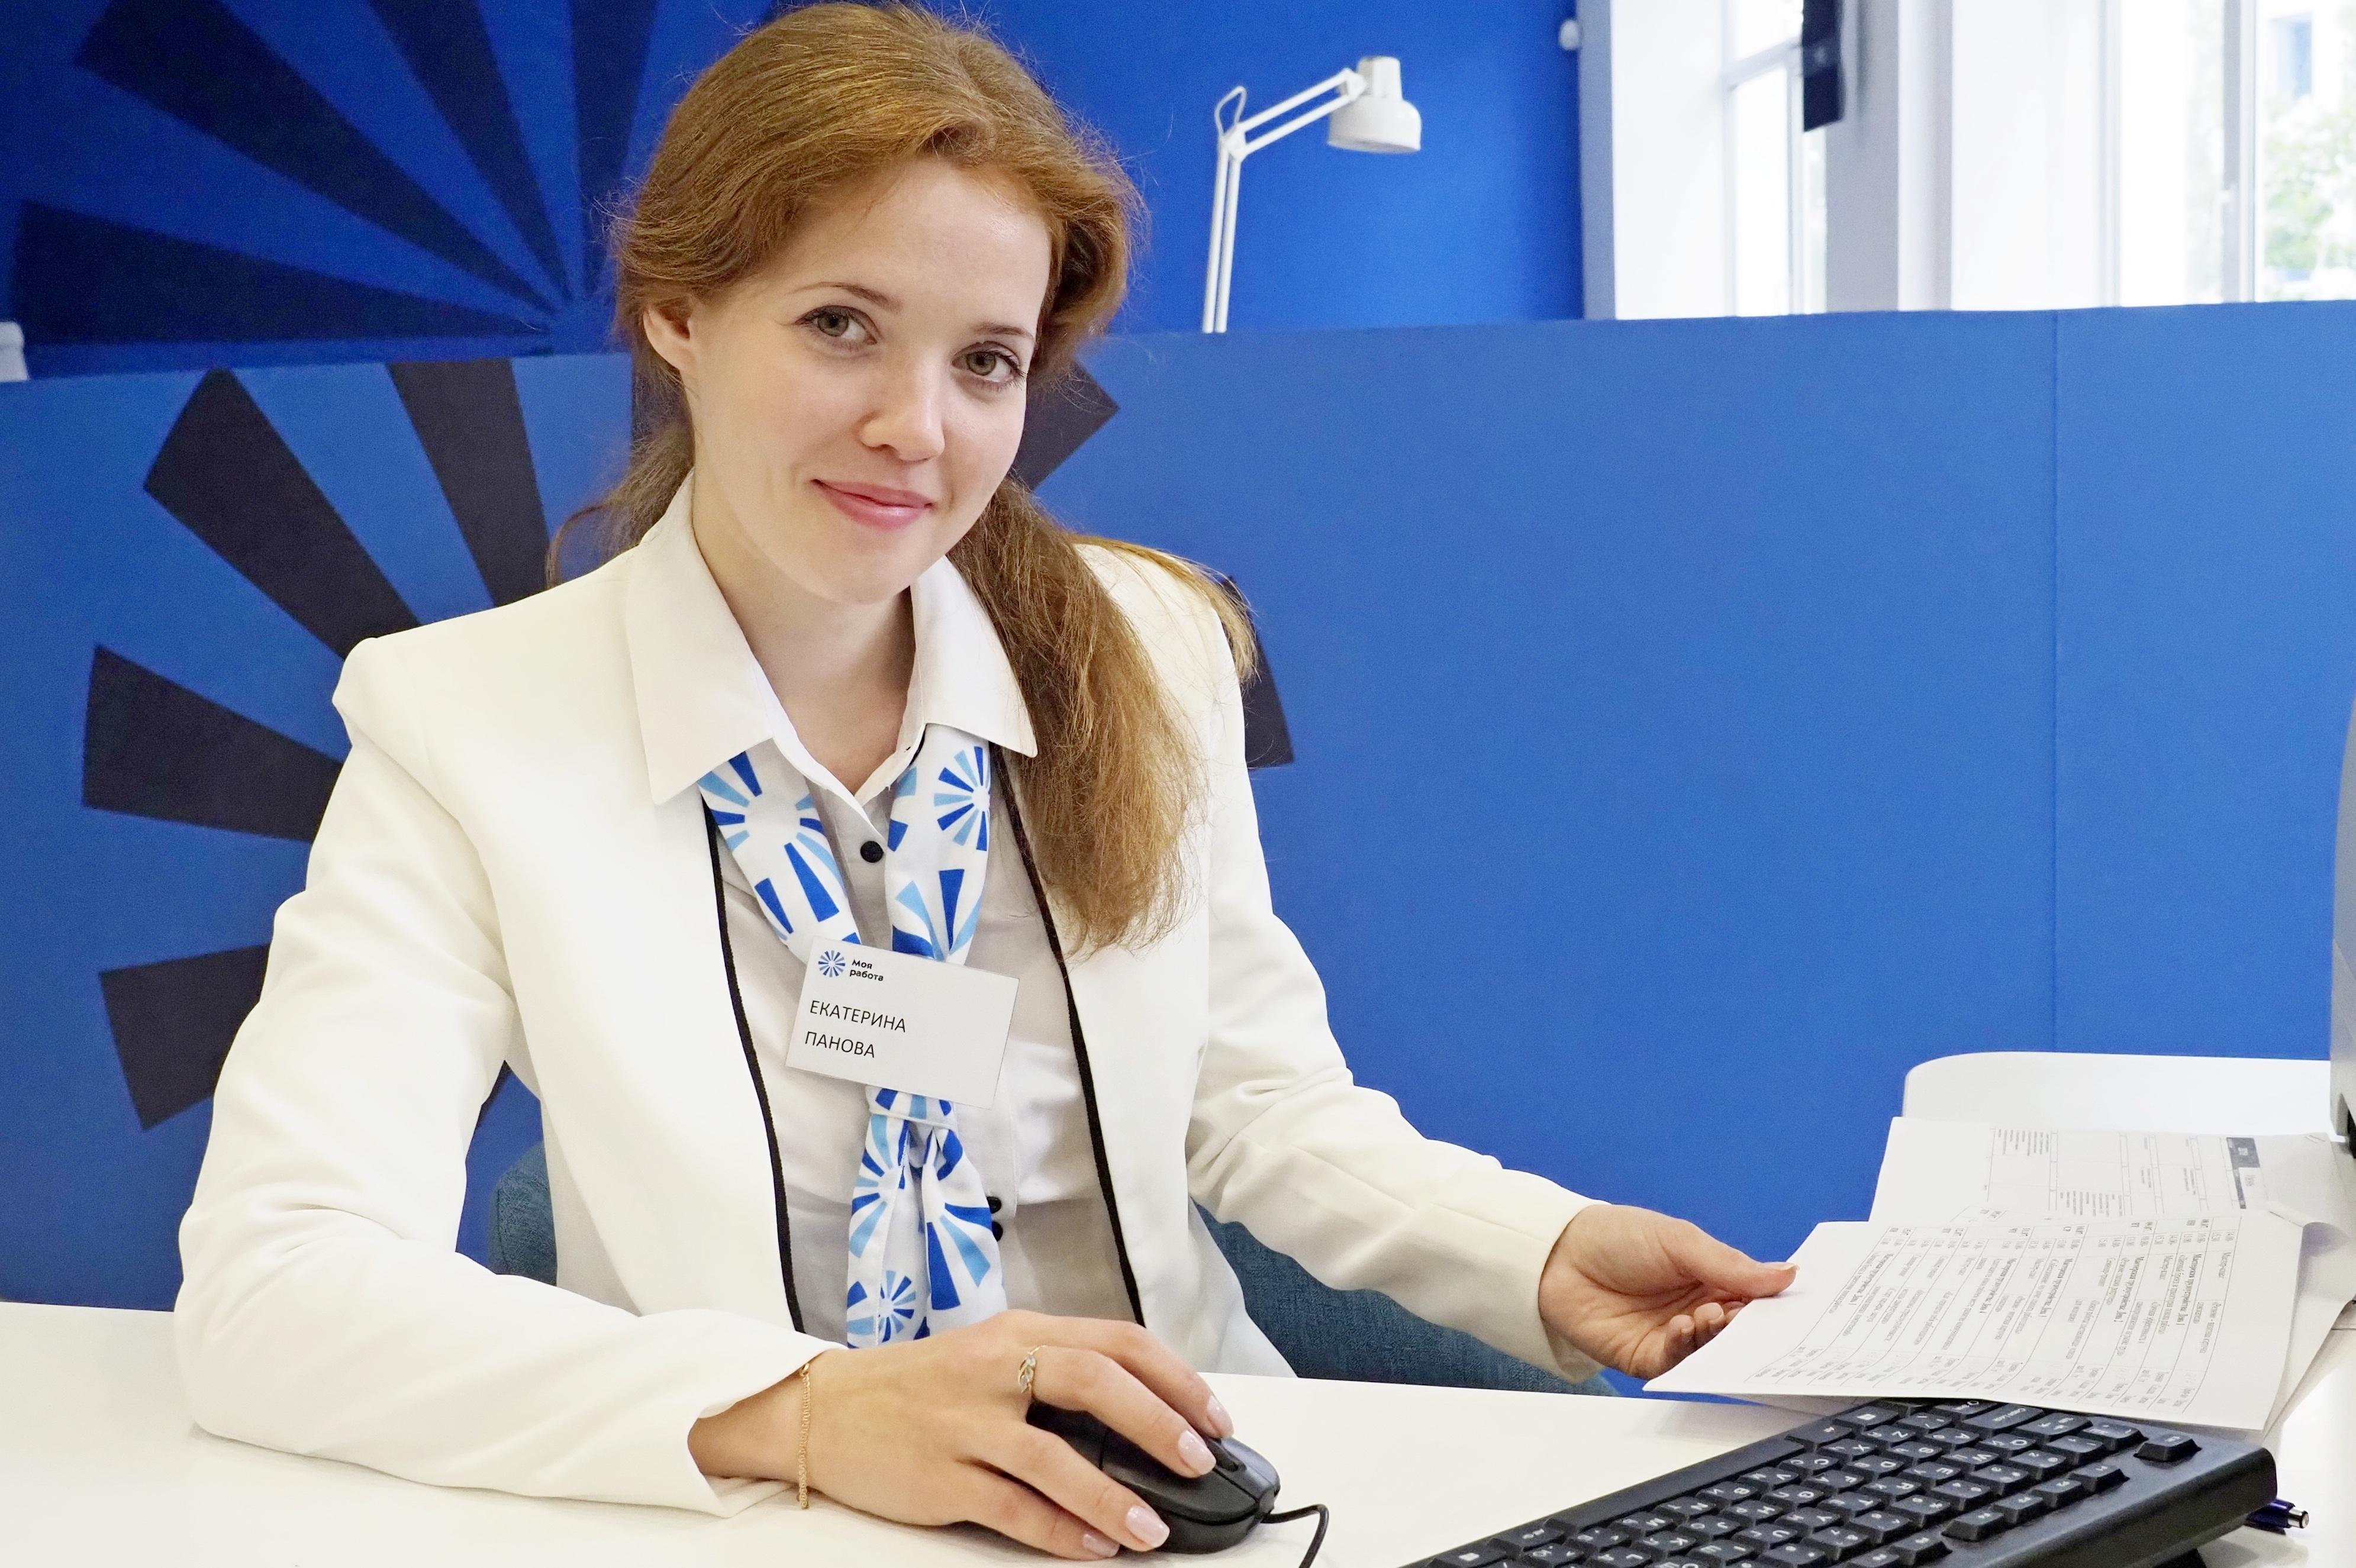 Проект по трудоустройству выпускников вузов и колледжей запустили в Москве